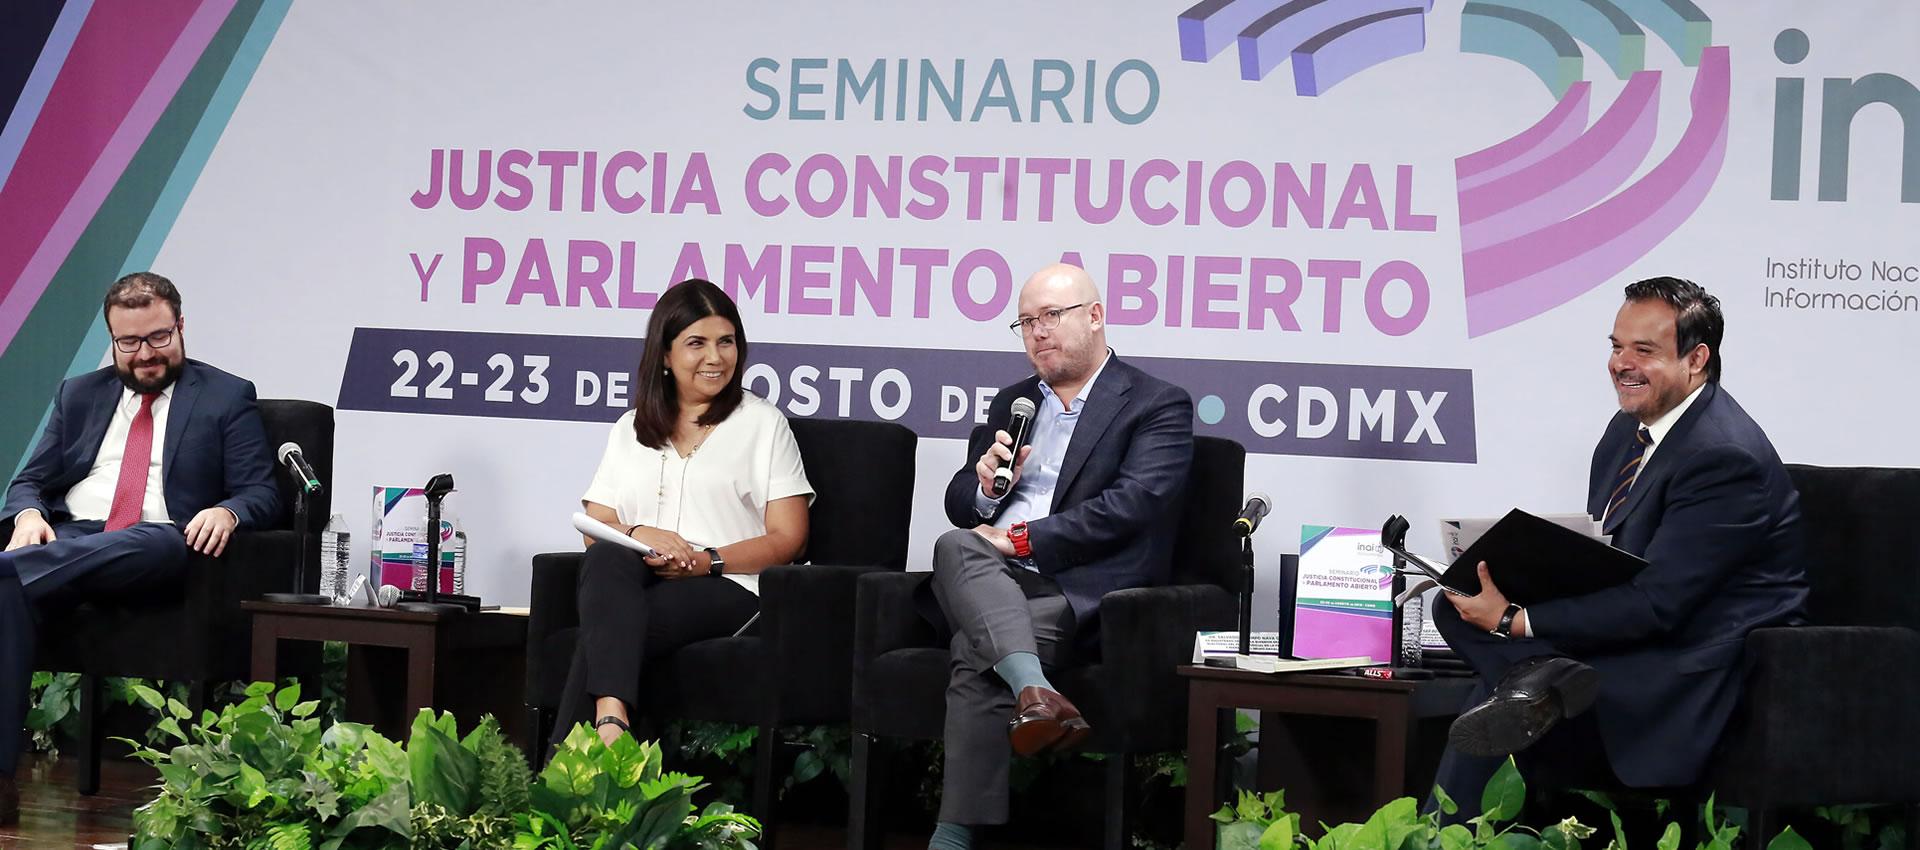 La transparencia debe ser información de calidad y vivirse con intensidad: Julio César Bonilla Gutiérrez